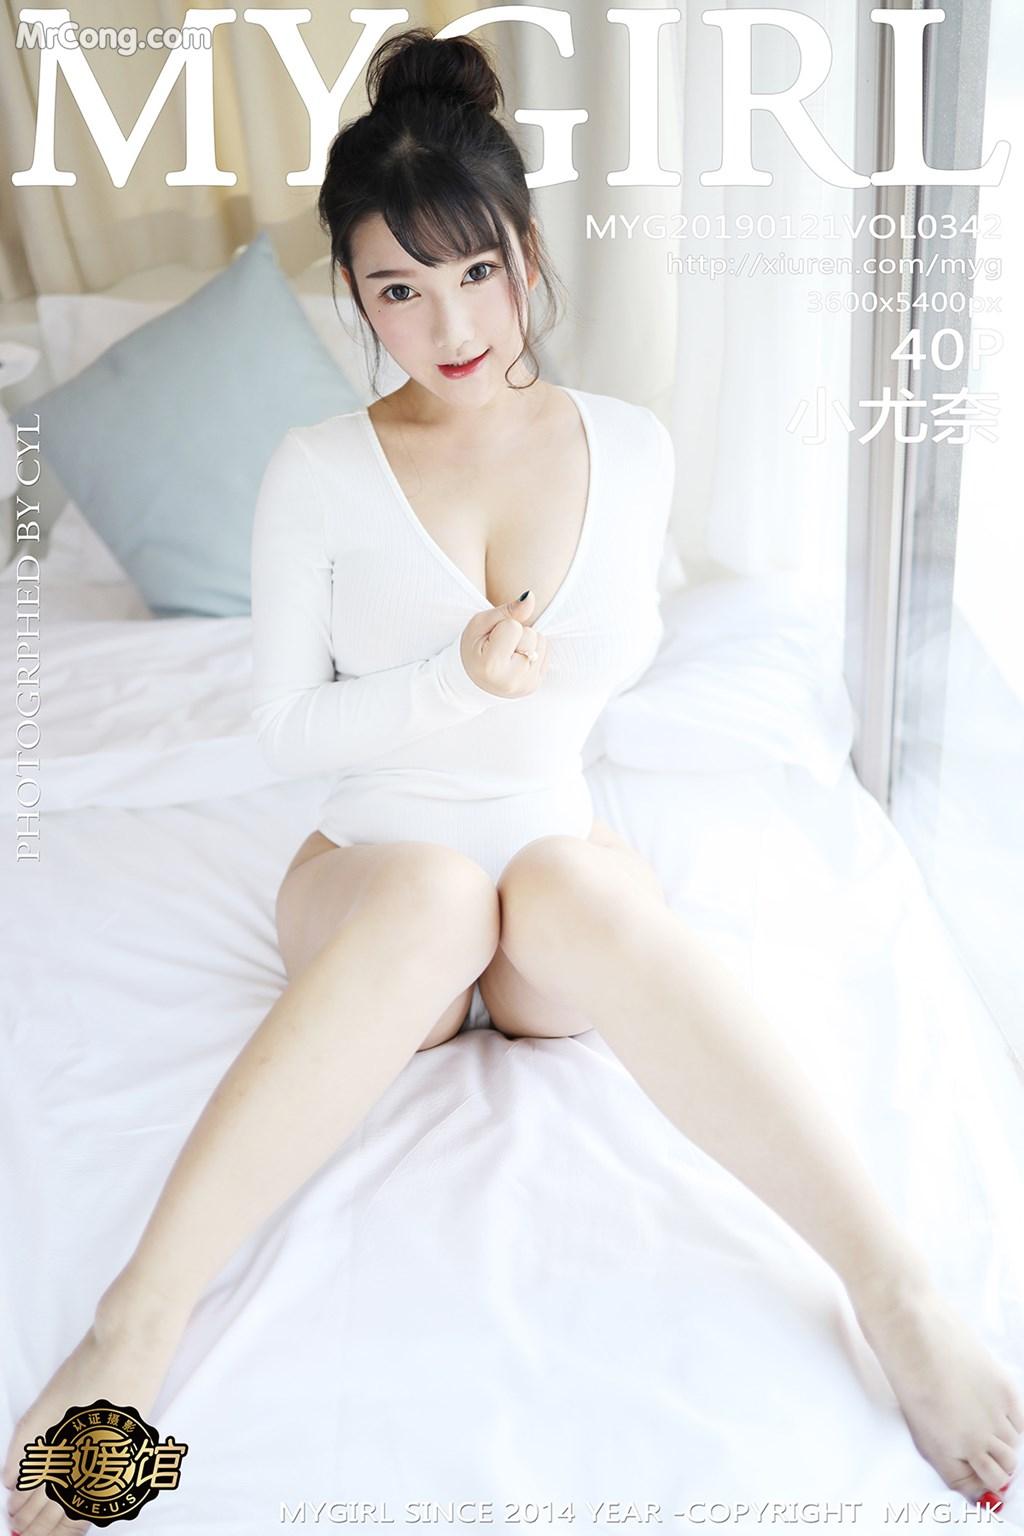 MyGirl Vol.342: Người mẫu Xiao You Nai (小尤奈) (41 ảnh)